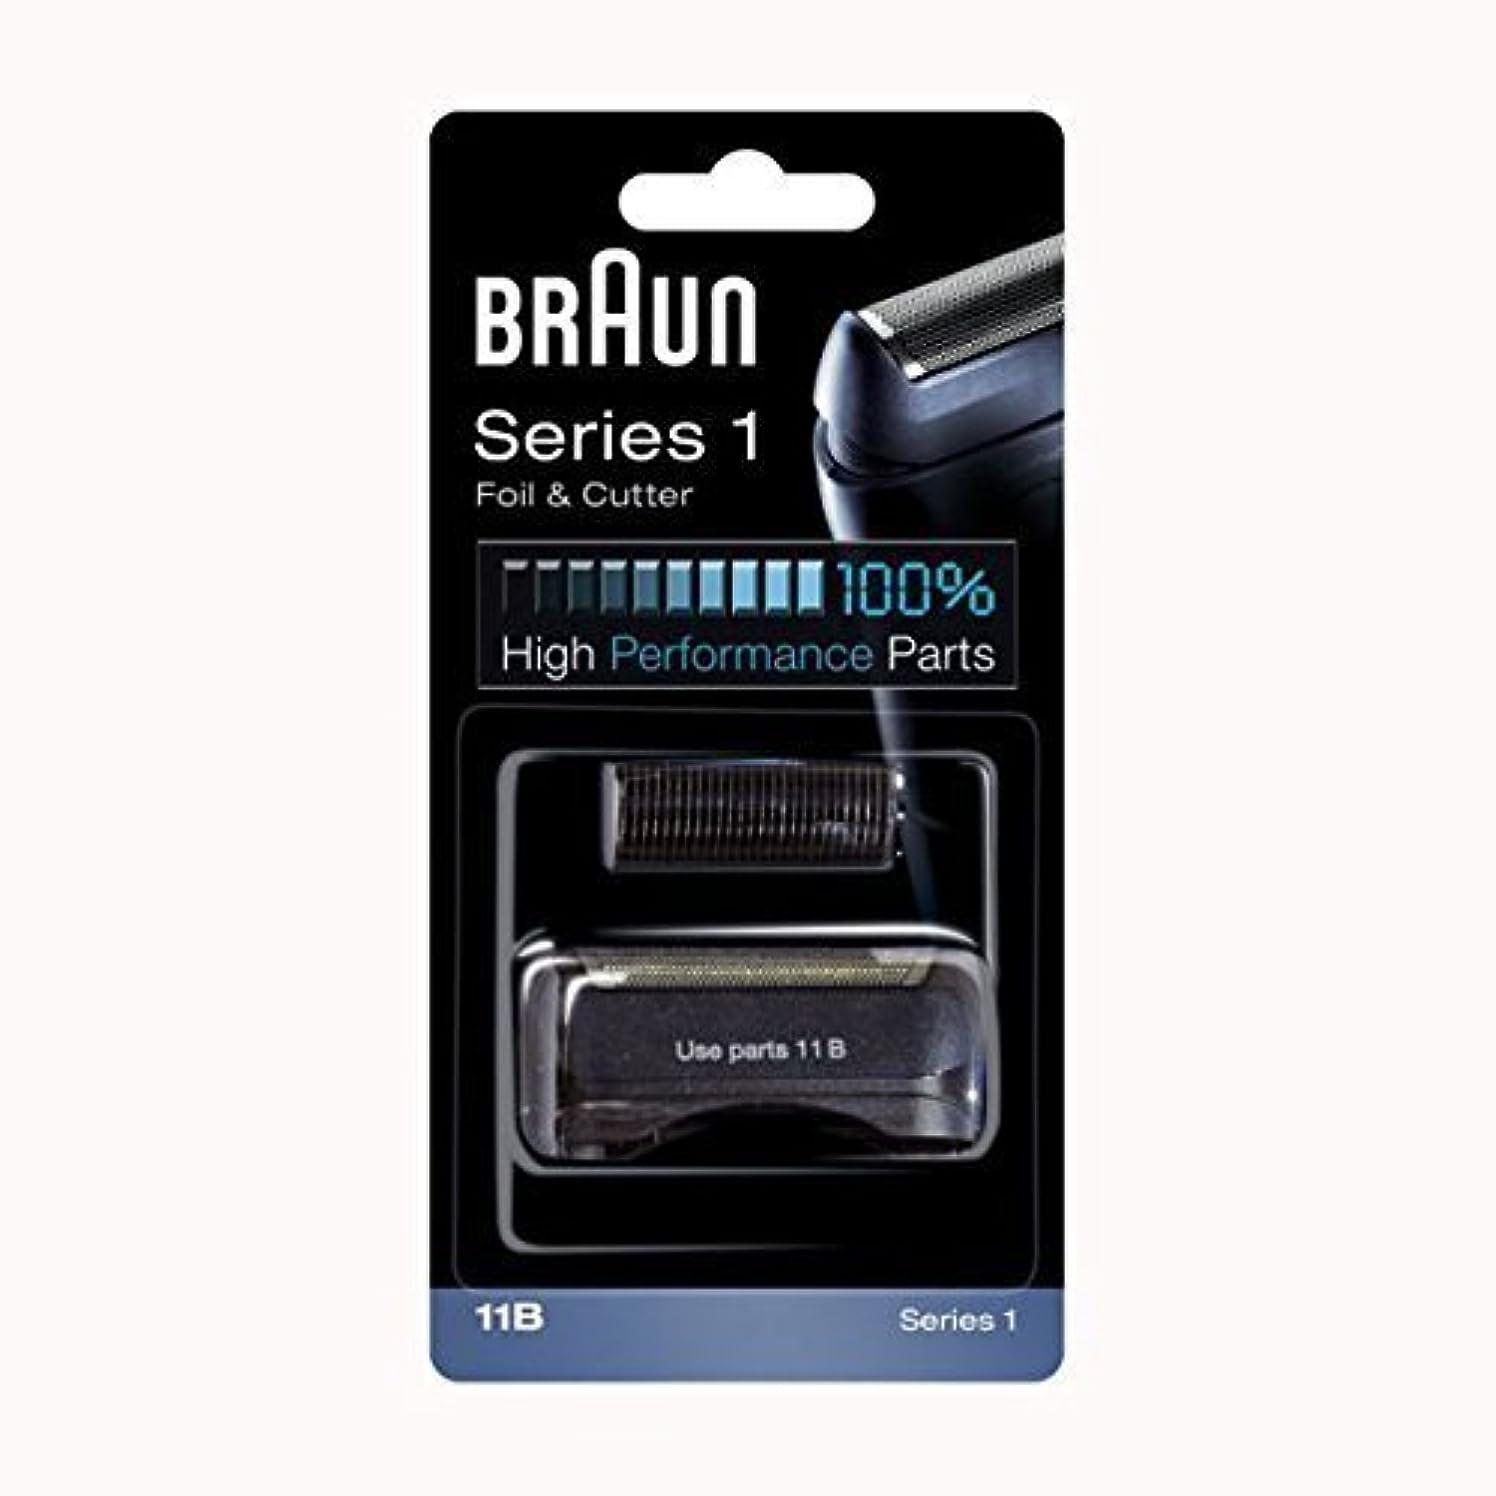 ハンドブックライオン平らなBraun Series 150 Combipack 11B by Braun GmbH [並行輸入品]